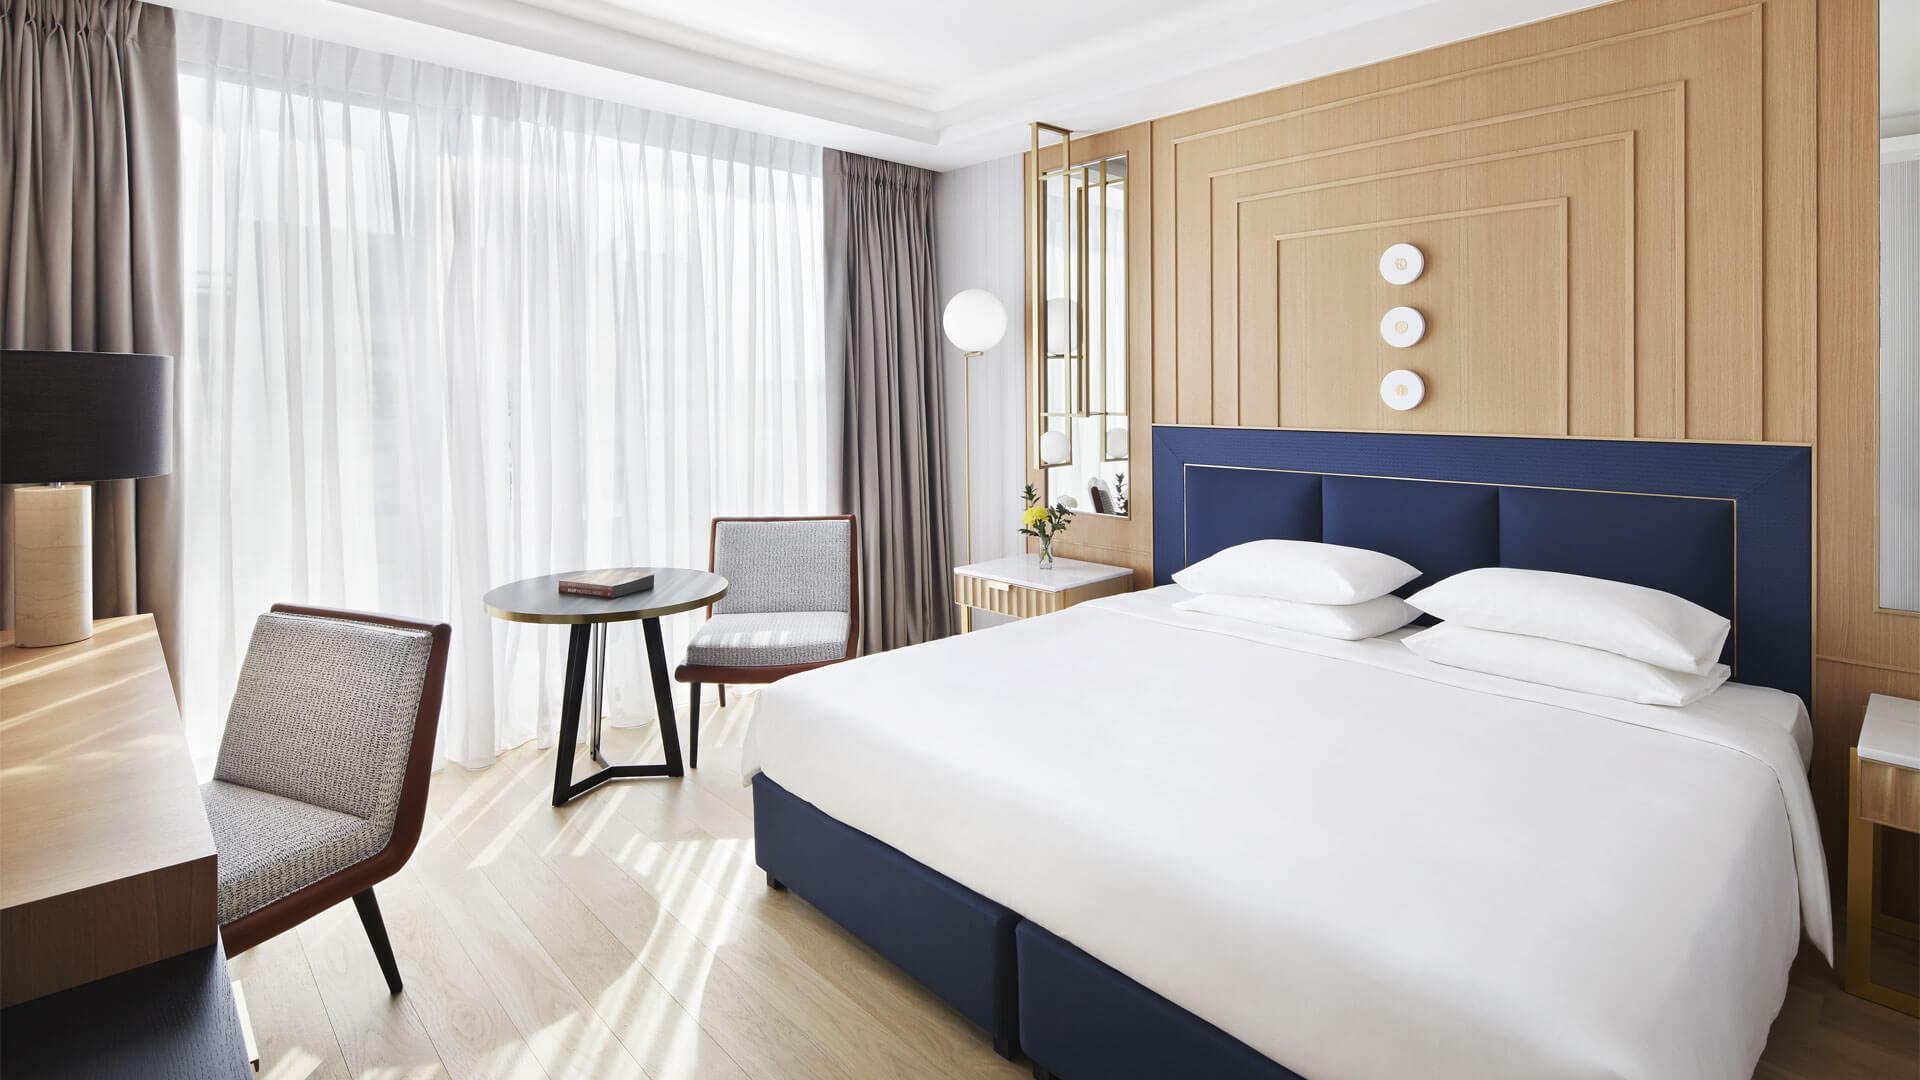 δωμάτιο ξενοδοχείου grand hyatt